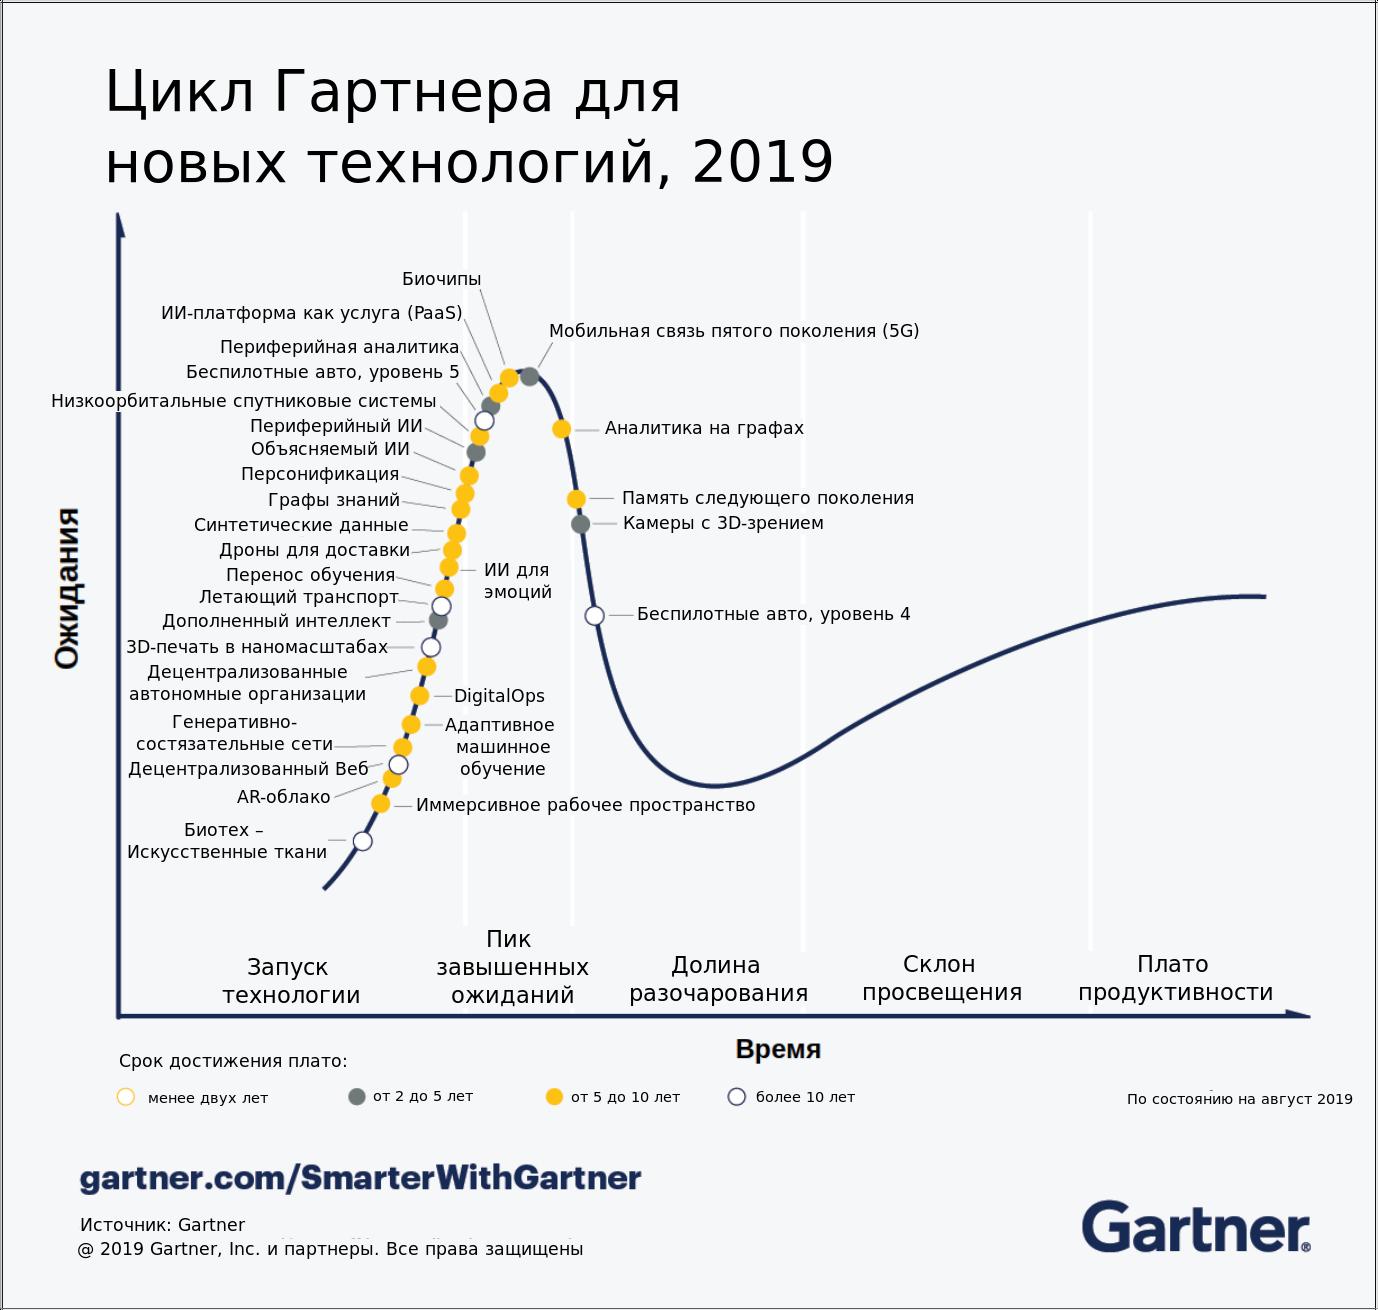 График Гартнера 2019: о чём все эти модные слова?